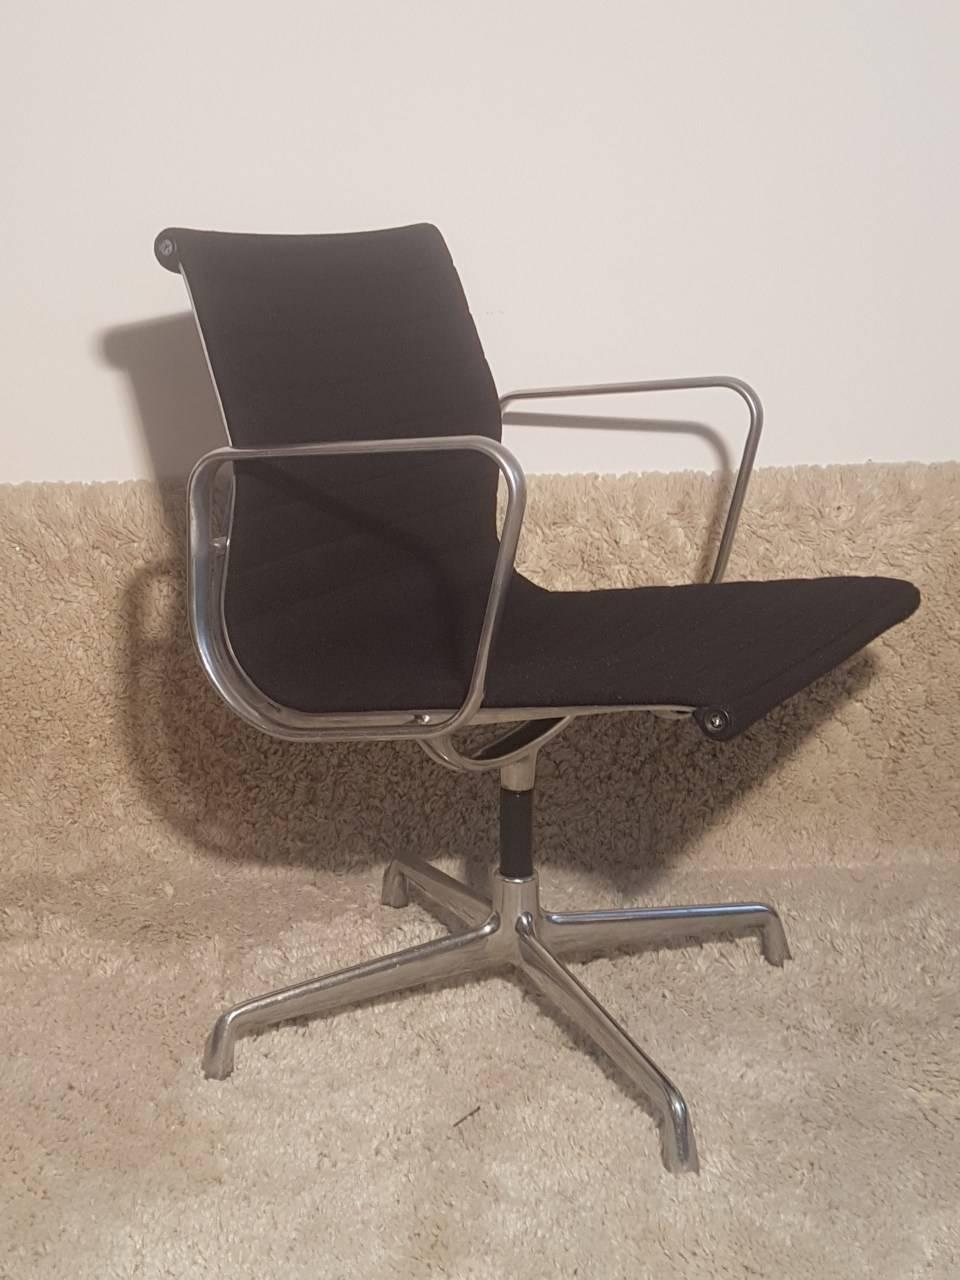 12 fauteuils design vintage charles eames benoit de moffarts vide grenier - Fauteuil charles eames prix ...